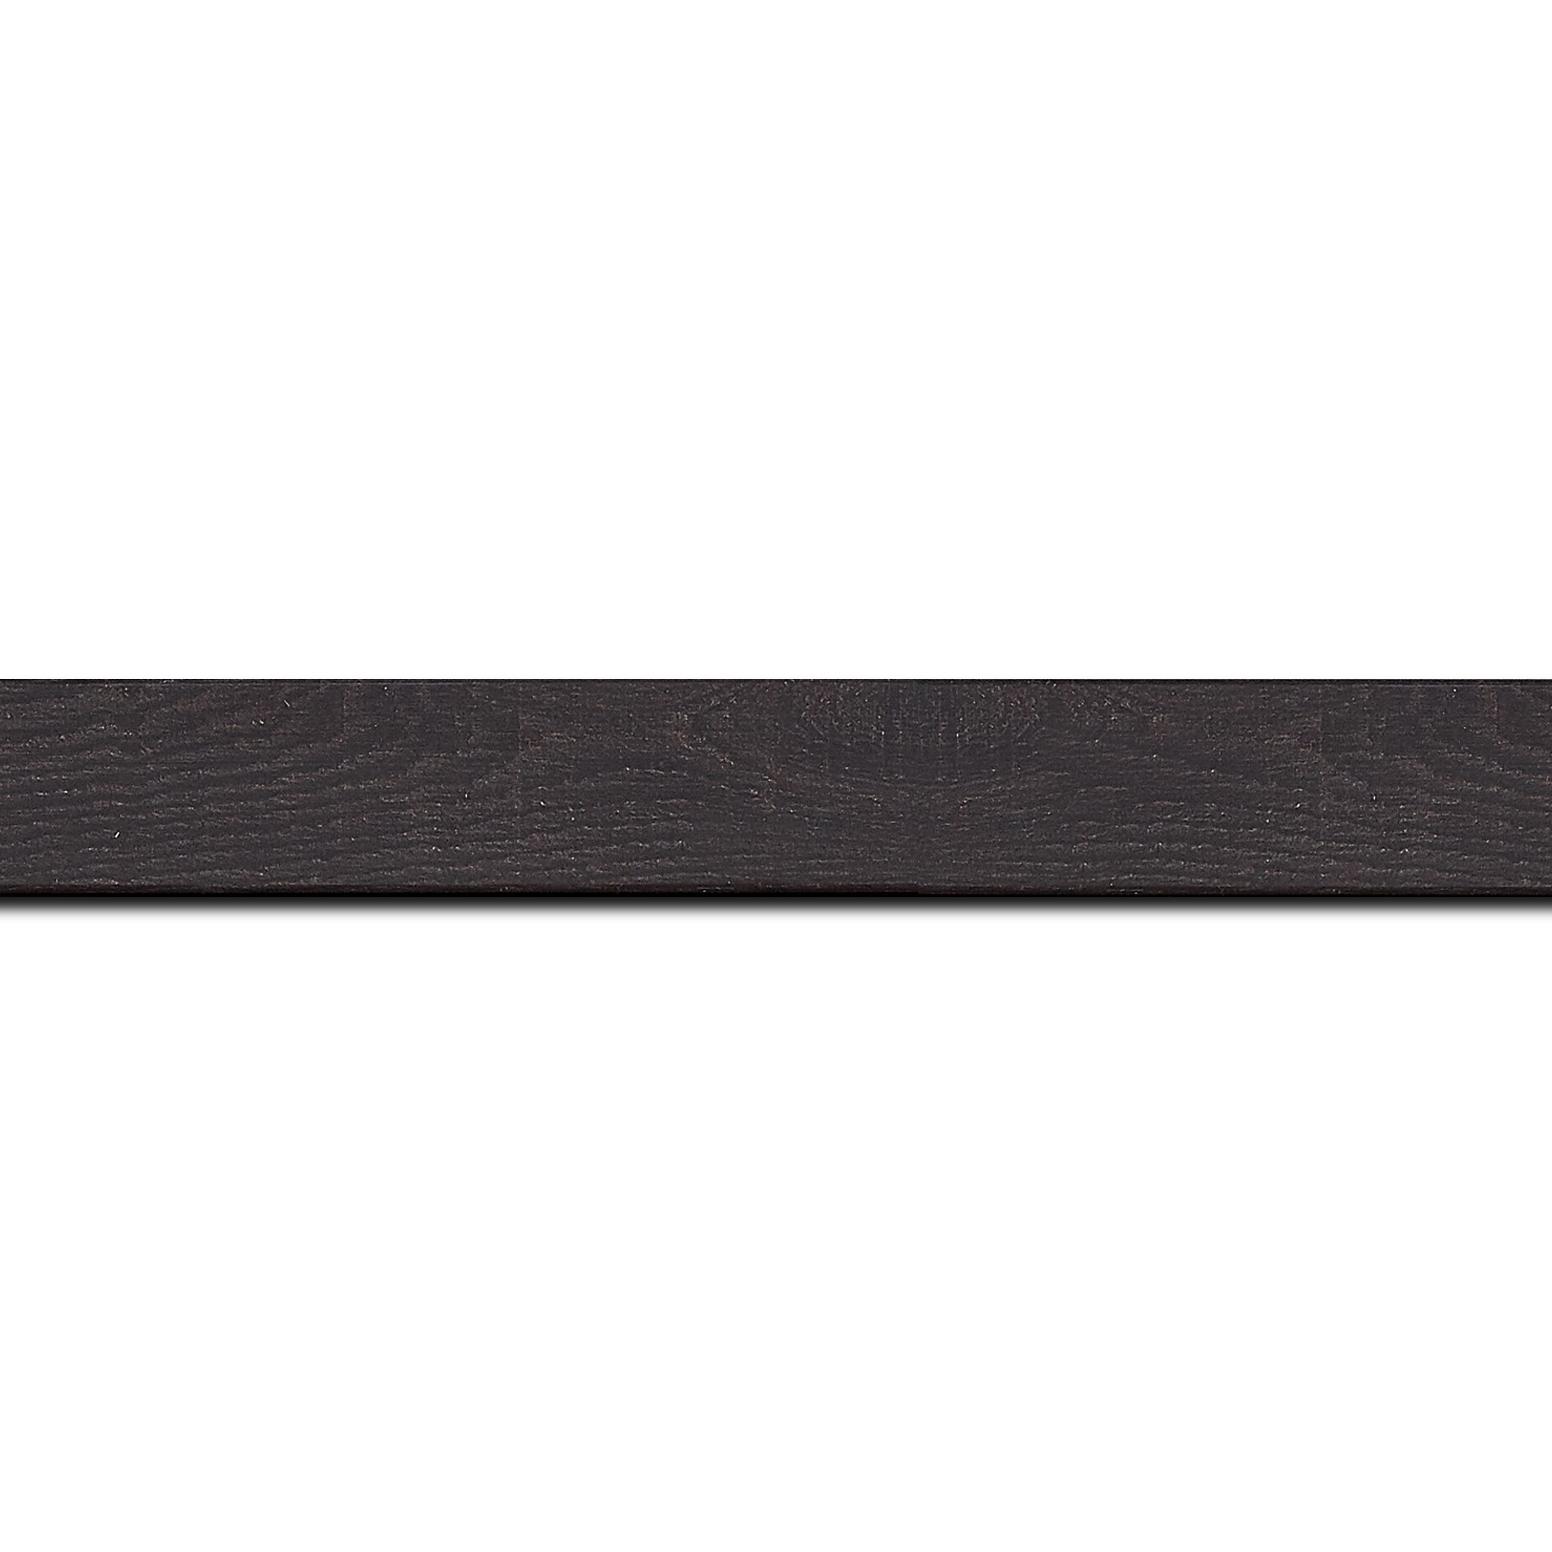 Baguette longueur 1.40m bois profil plat largeur 2cm décor bois wengé foncé